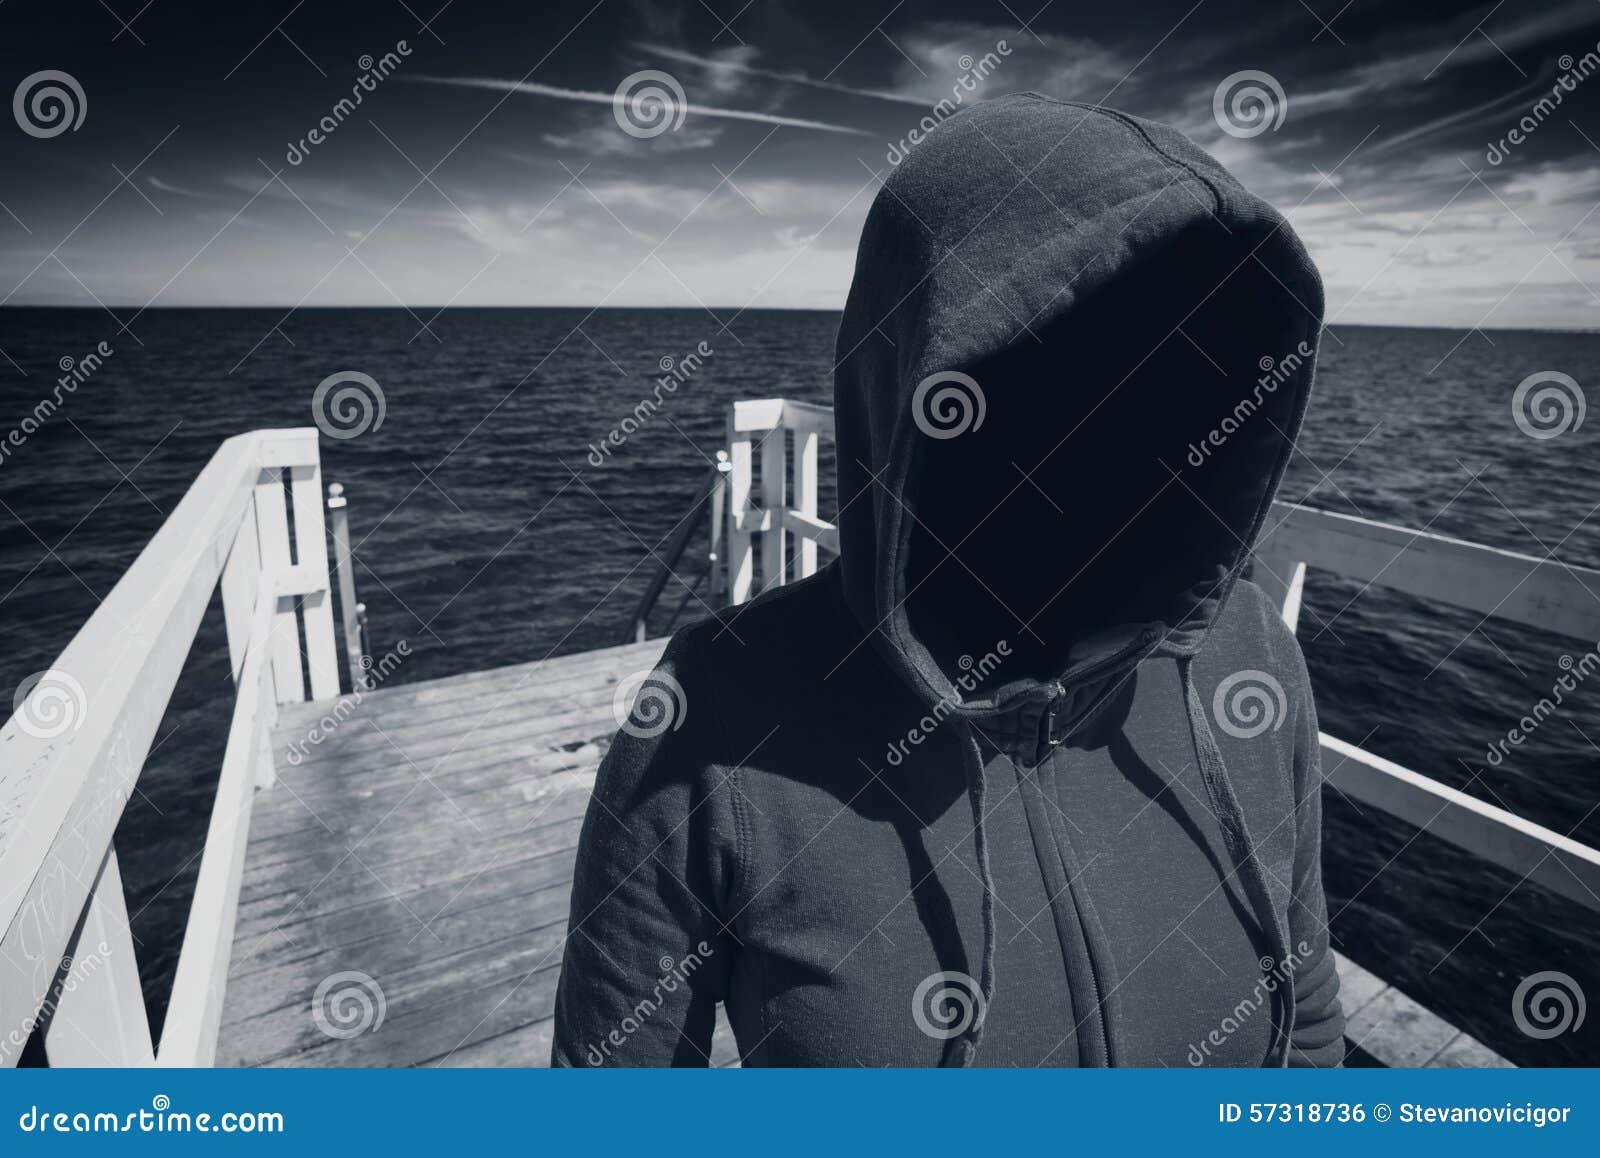 Mujer irreconocible encapuchada anónima en el embarcadero del océano, abducción Co